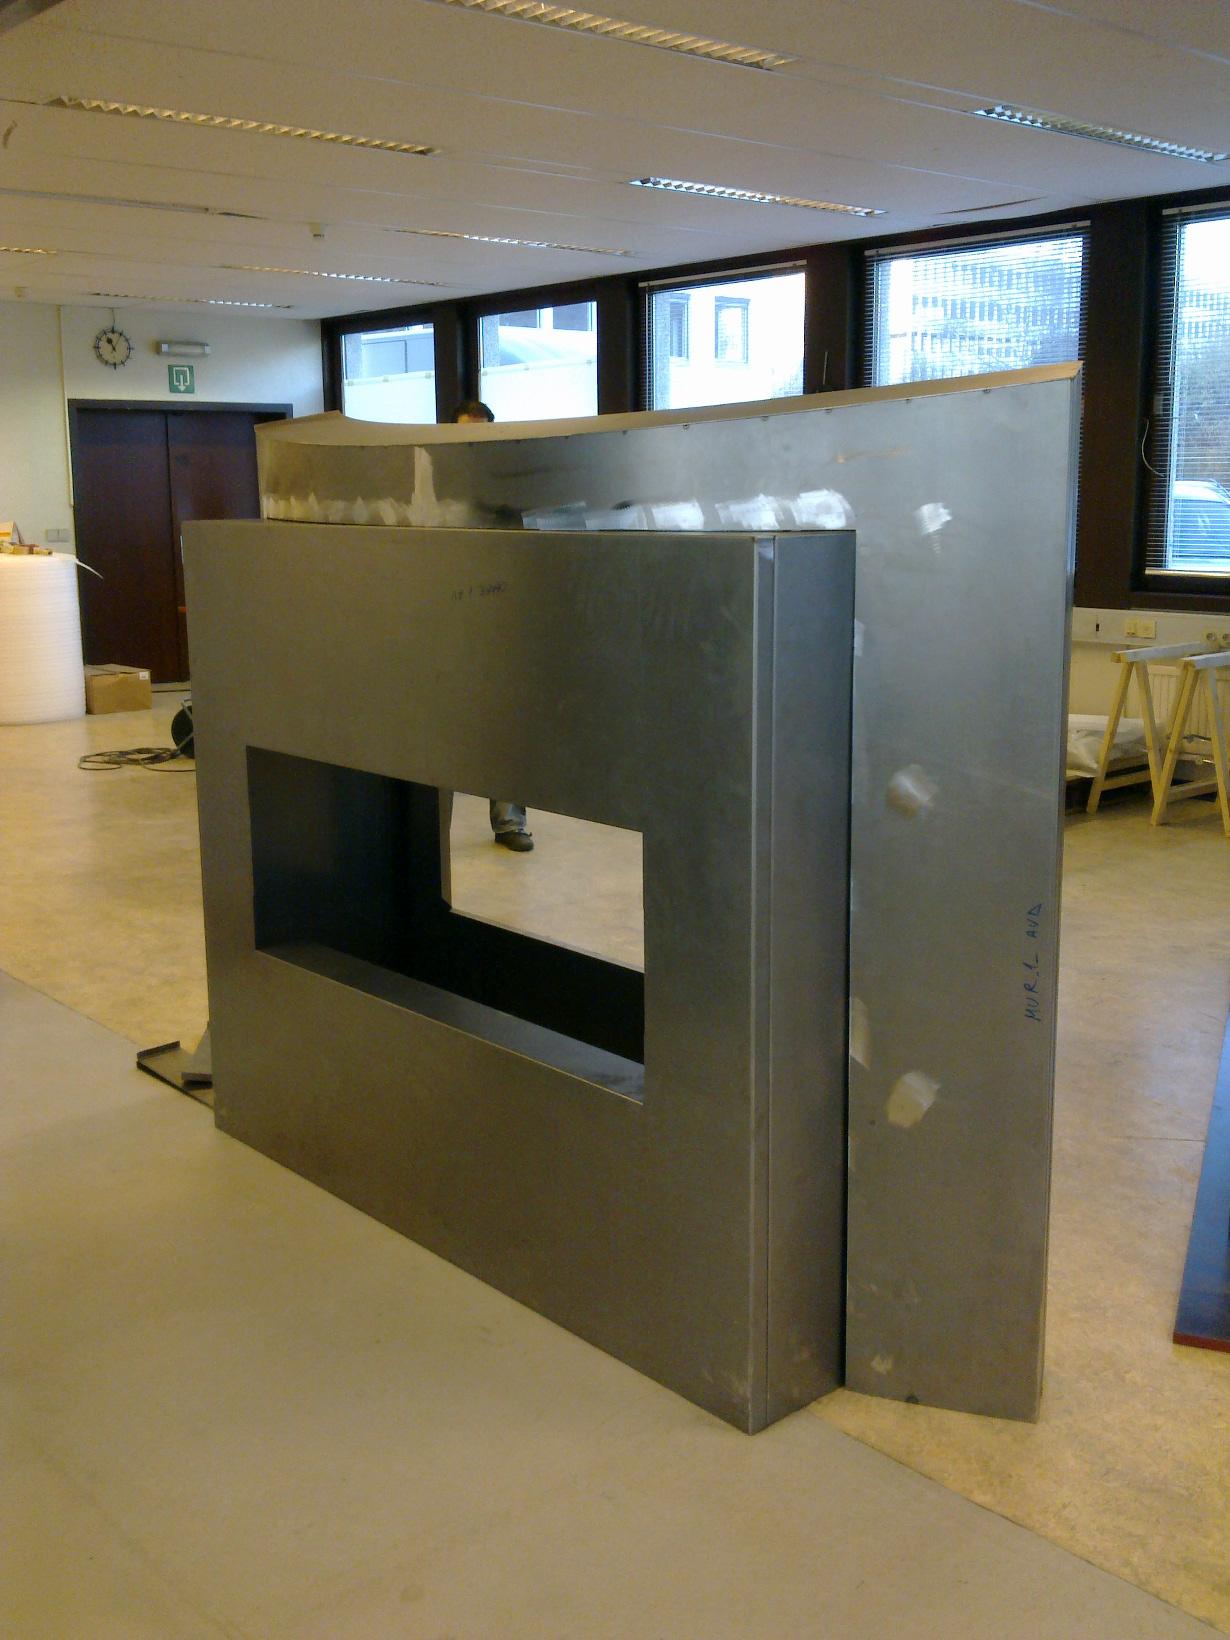 Mobilier design mtts concept for Bio concept meubles